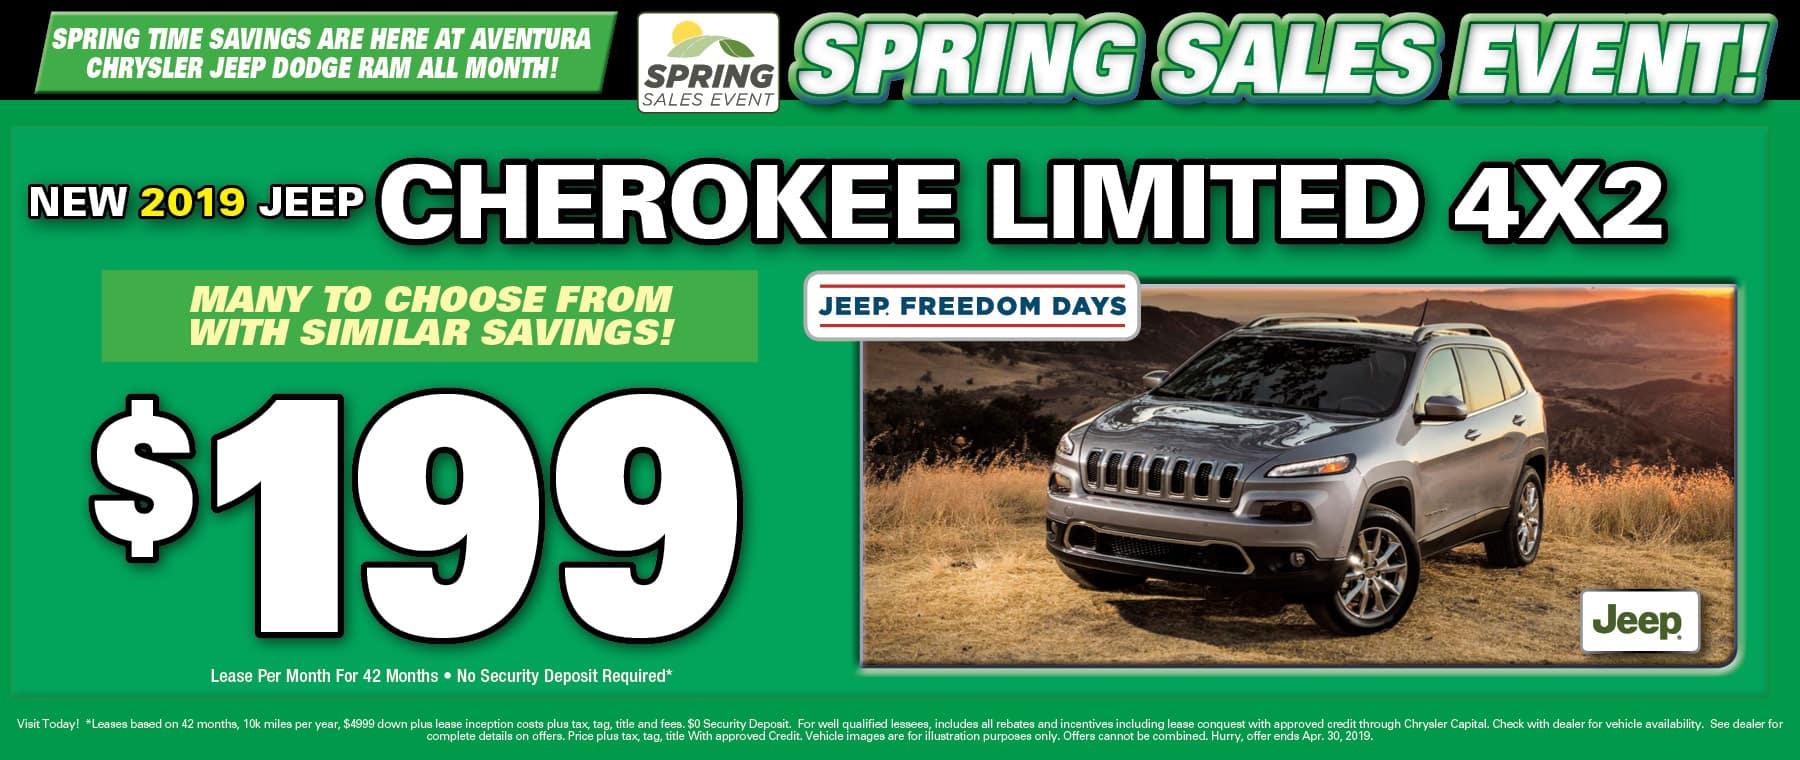 2019 Jeep Cherokee!